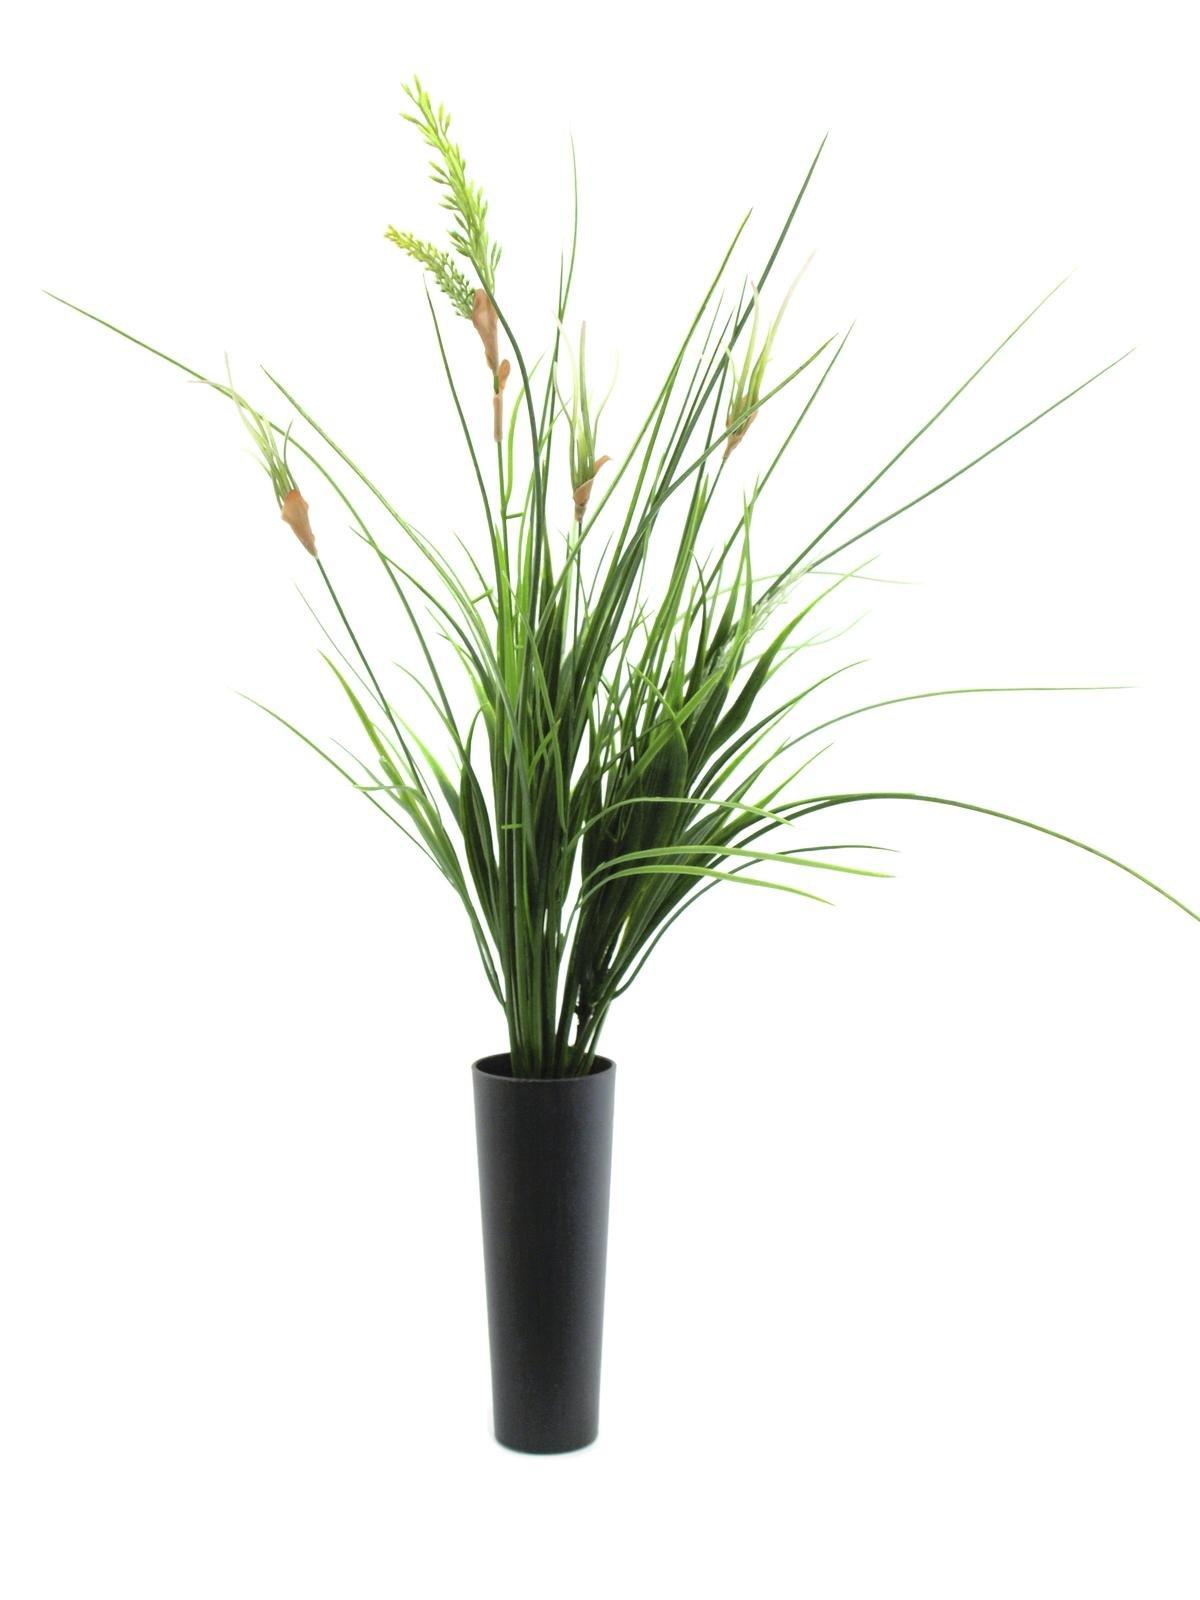 umělá tráva v květináči 66cm